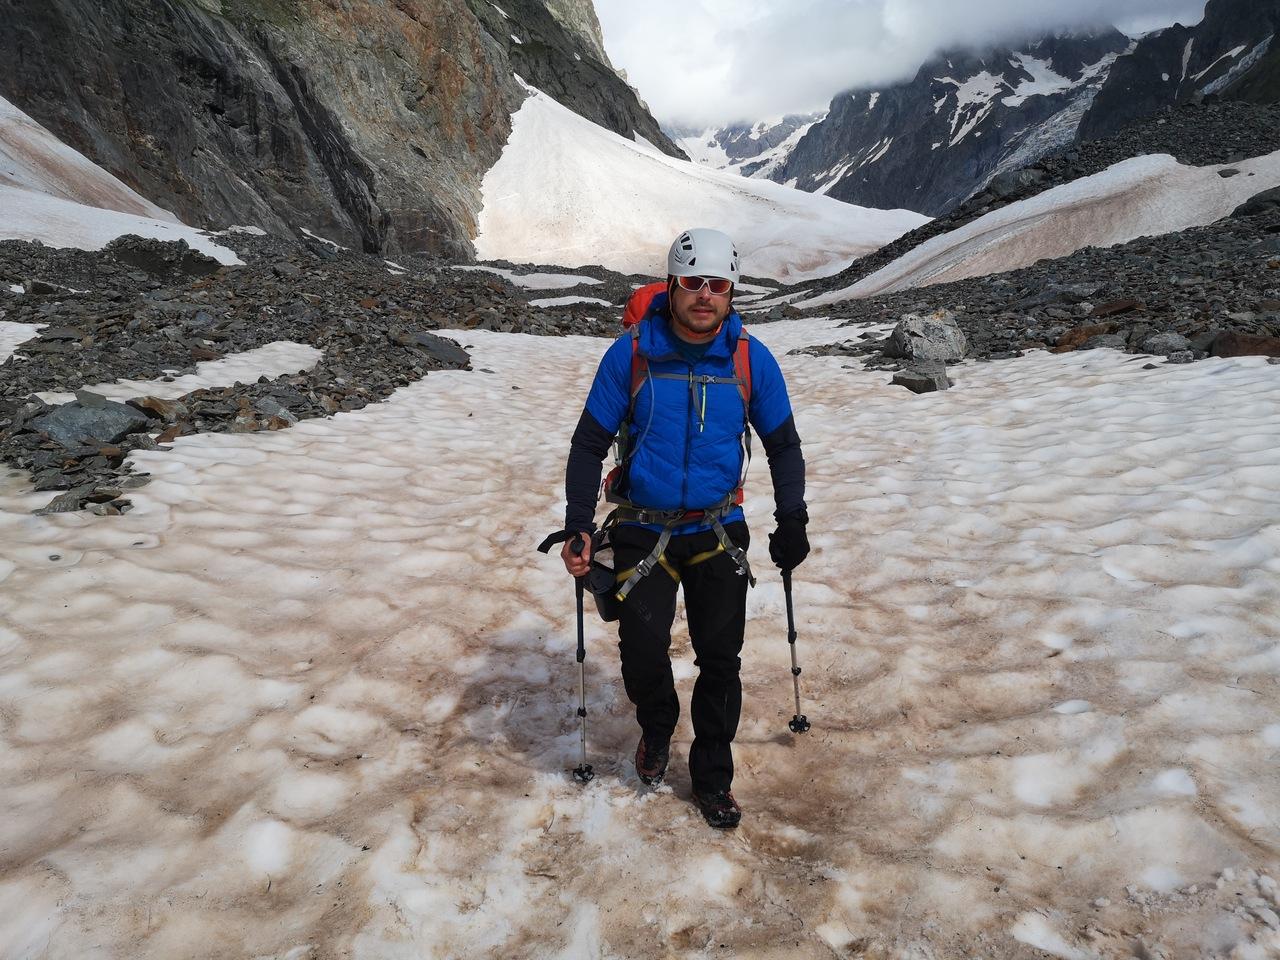 spacerowanie lodowcem w południe